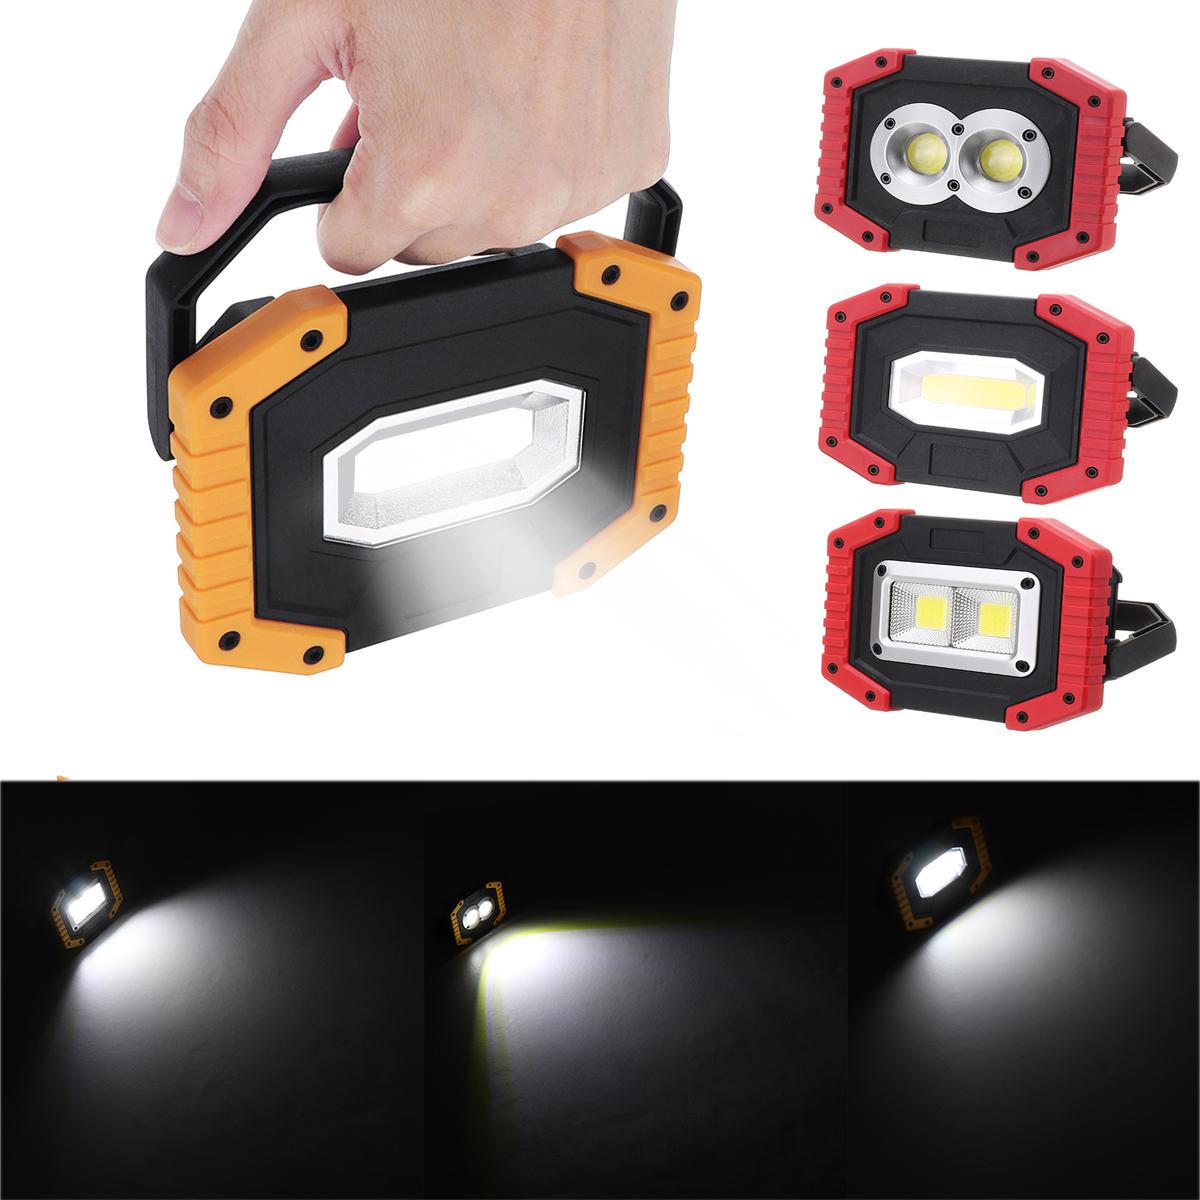 Xmund 30 Вт USB LED COB На открытом воздухе 3 режима работы свет Кемпинг Фонарь аварийный фонарь прожектор прожектор прожектор